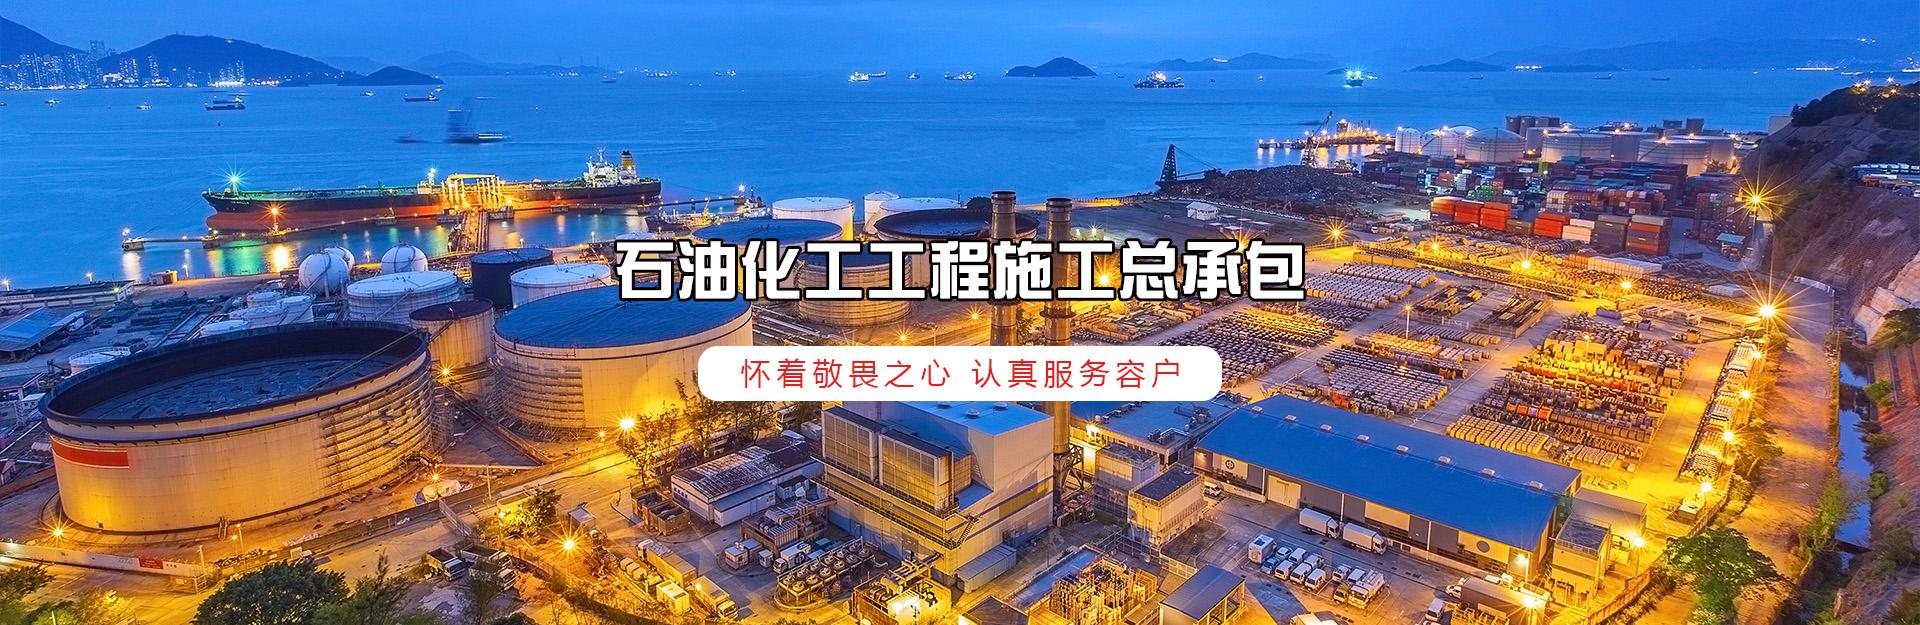 宁夏建筑公司